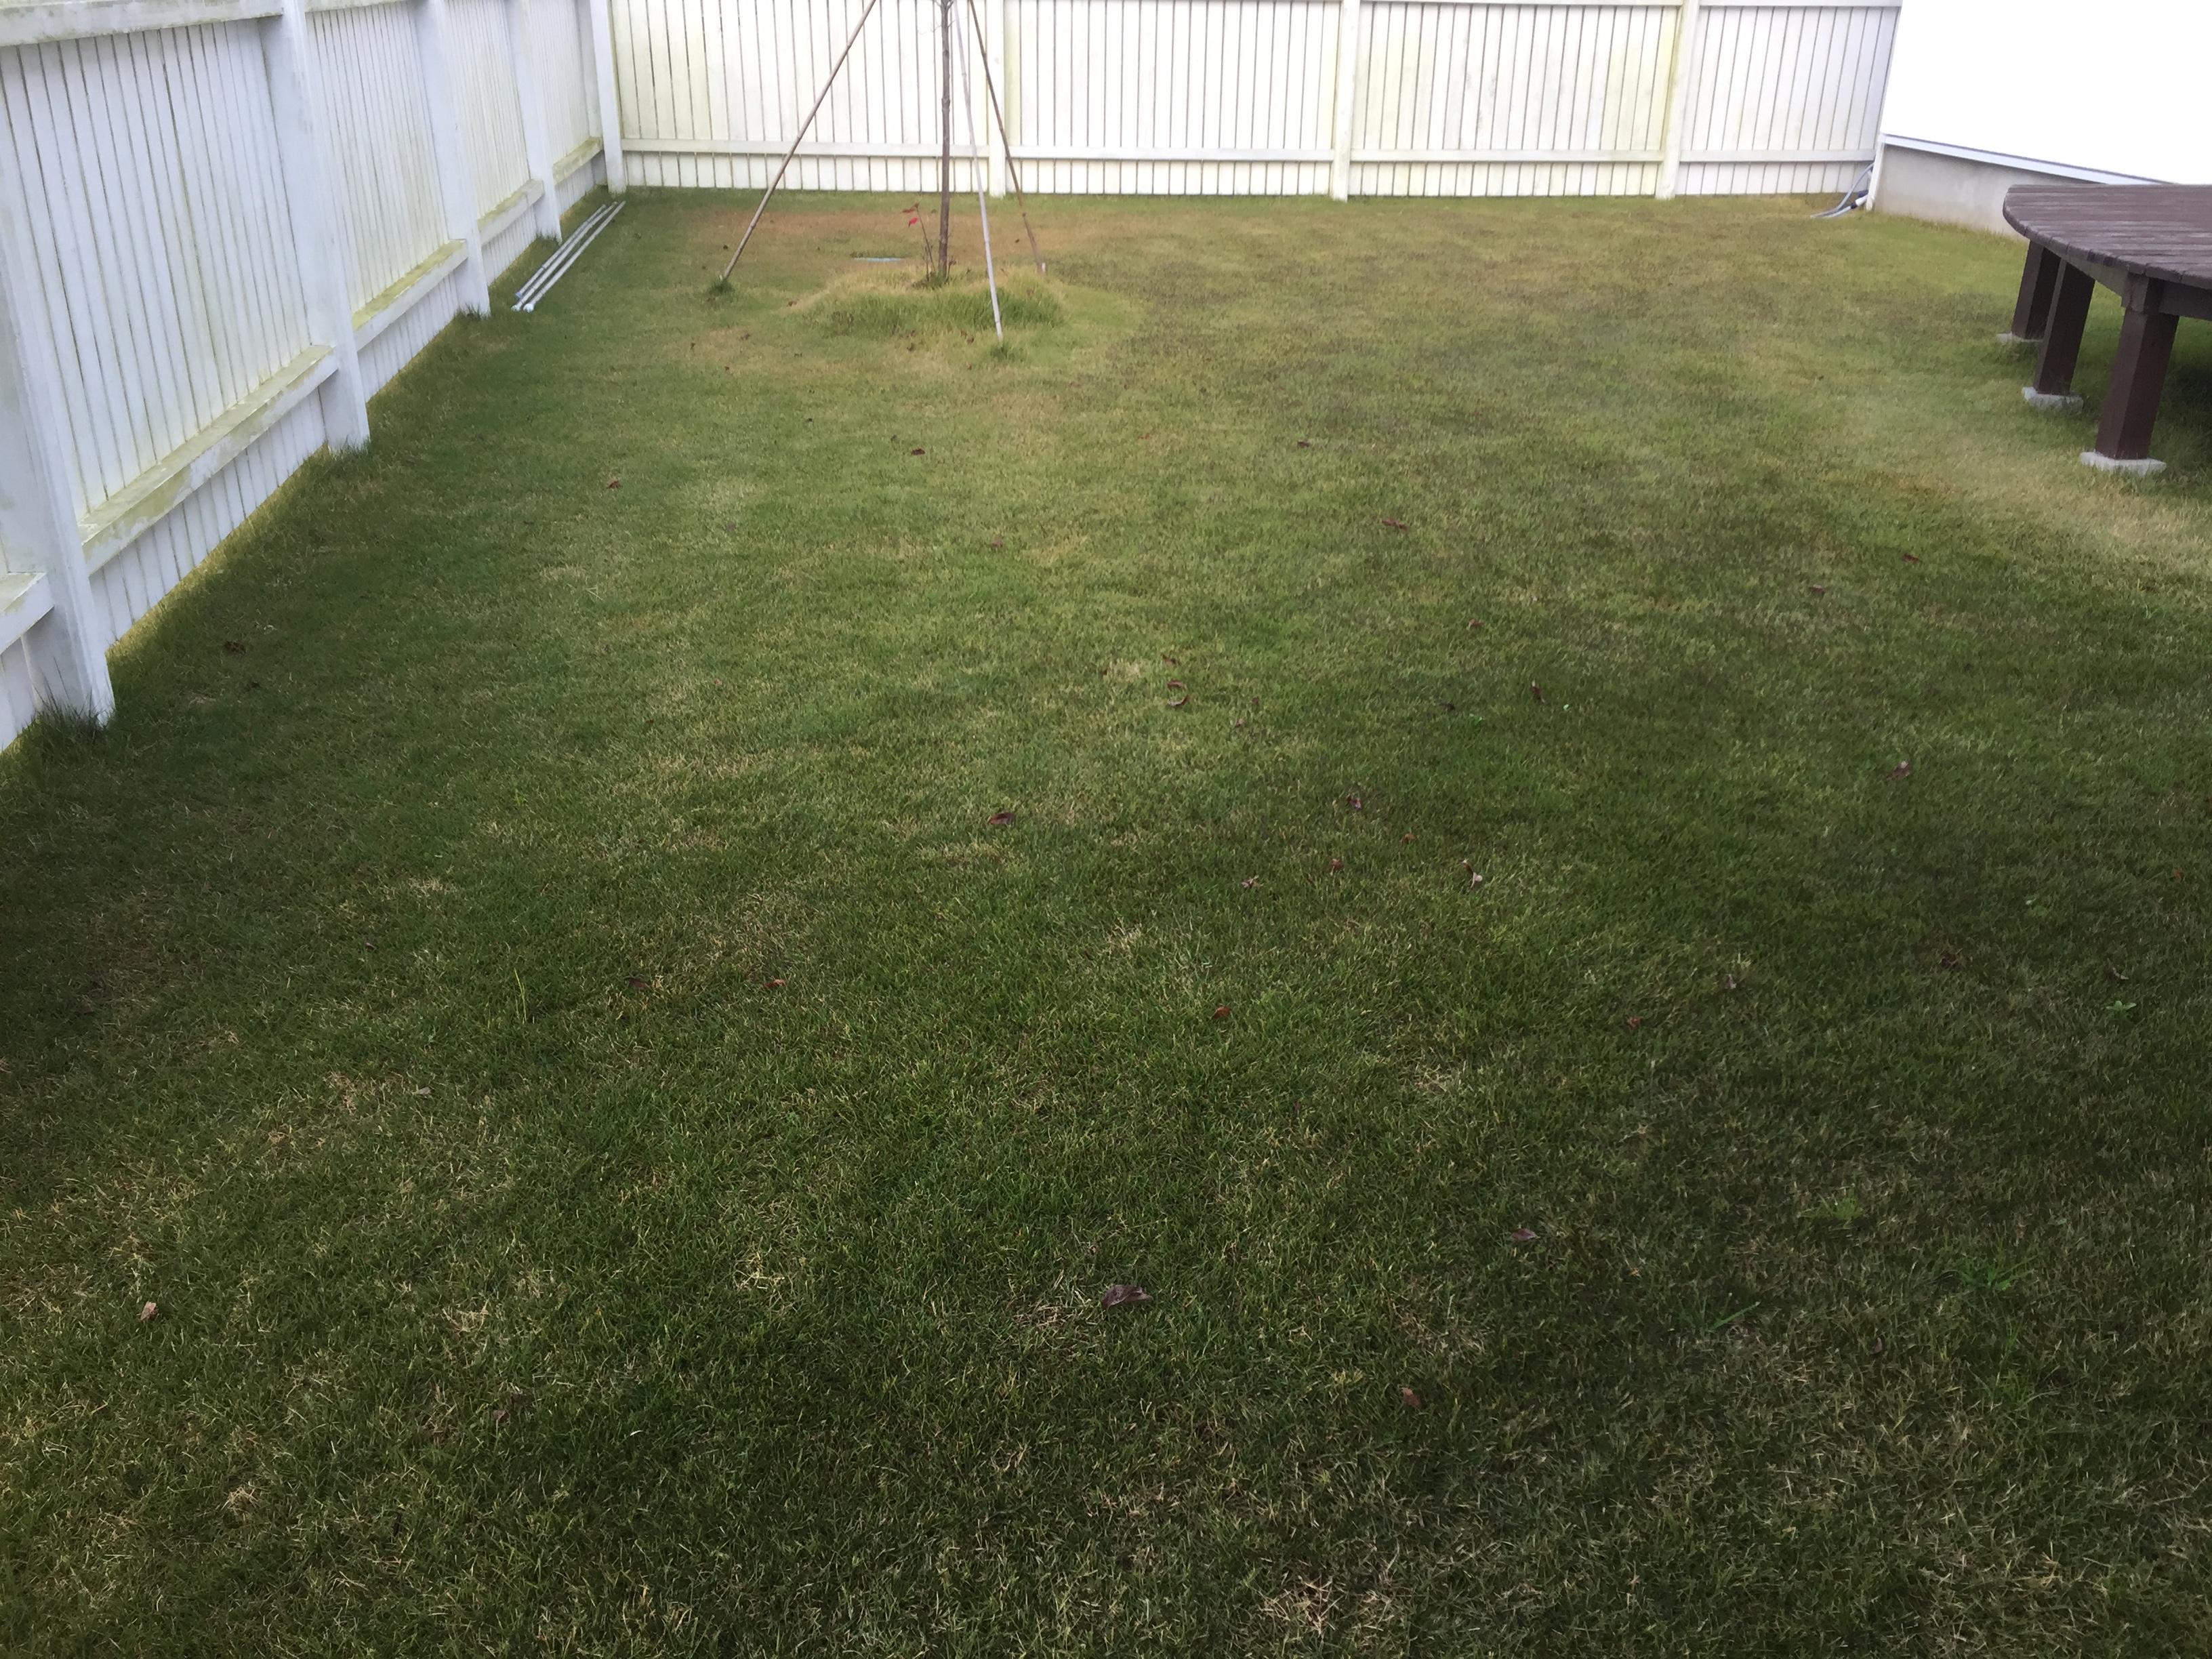 2018.11.26 芝生の状況